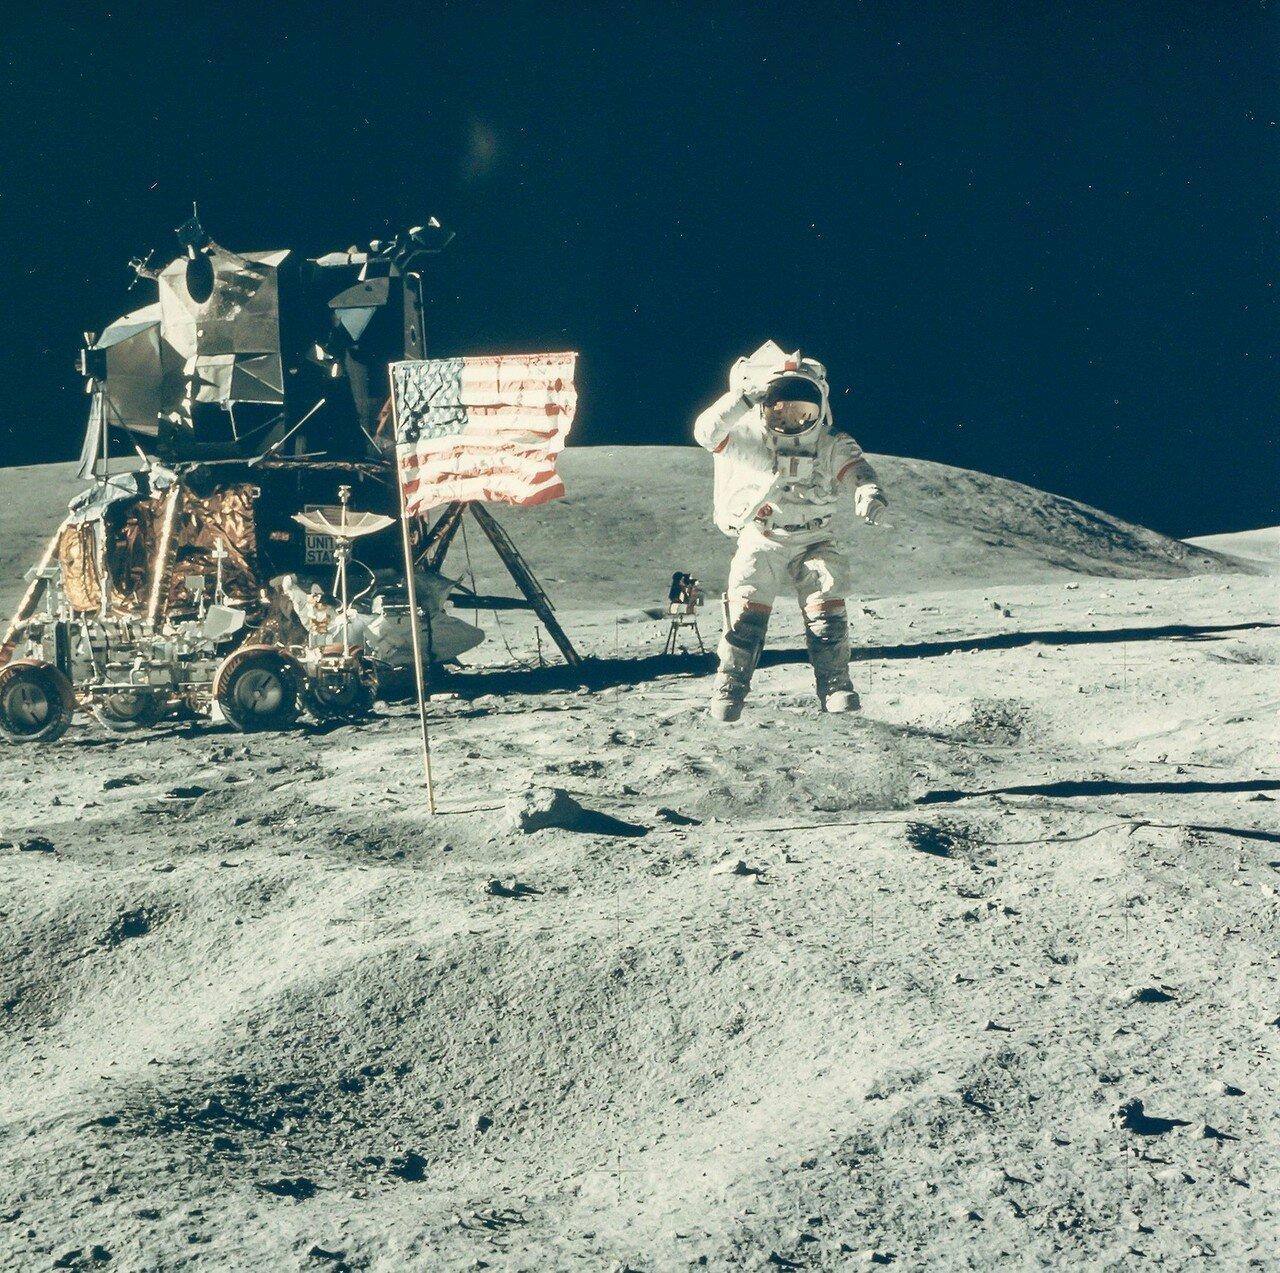 Далее Джон Янг собрал и установил флаг США. Дьюк  попросил Янга показать, как отдают большое военно-морское воинское приветствие. Янг дважды высоко прыгнул и отсалютовал флагу в прыжке. На снимке: Джон Янг прыгает и приветствует флаг